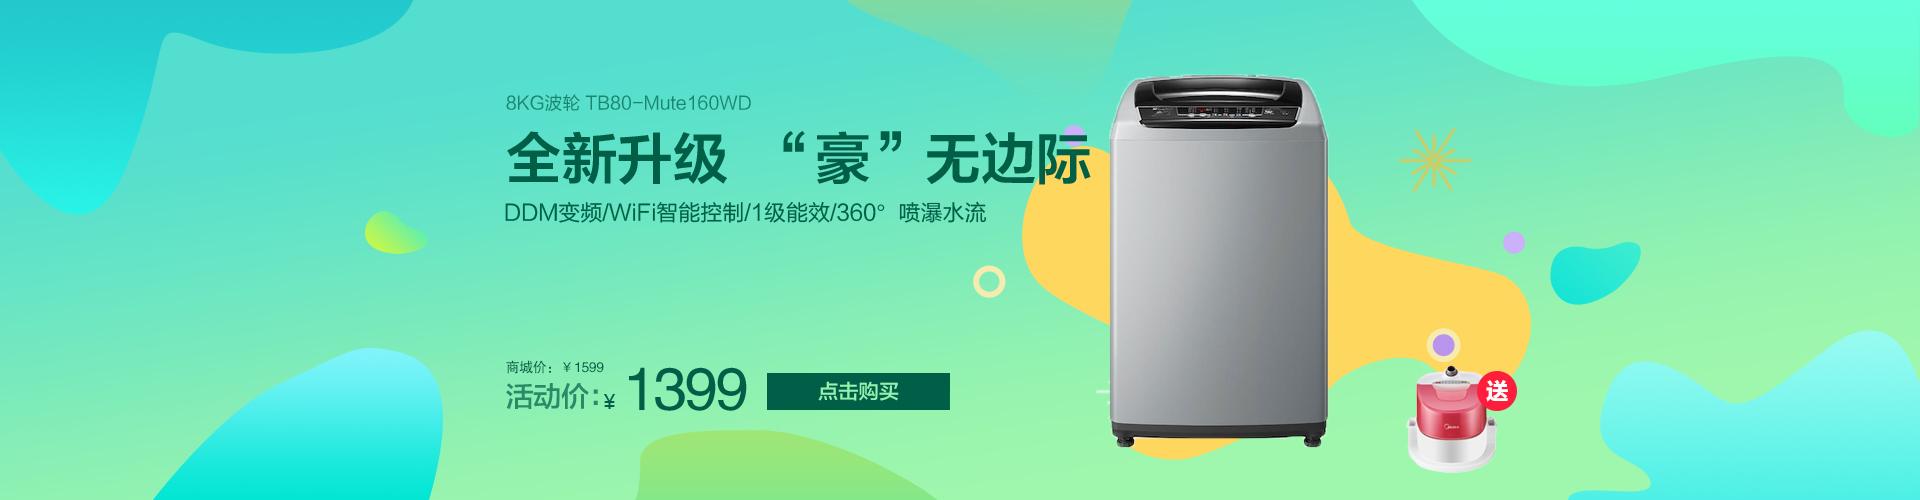 8公斤变频波轮洗衣机 TB80-Mute160WD